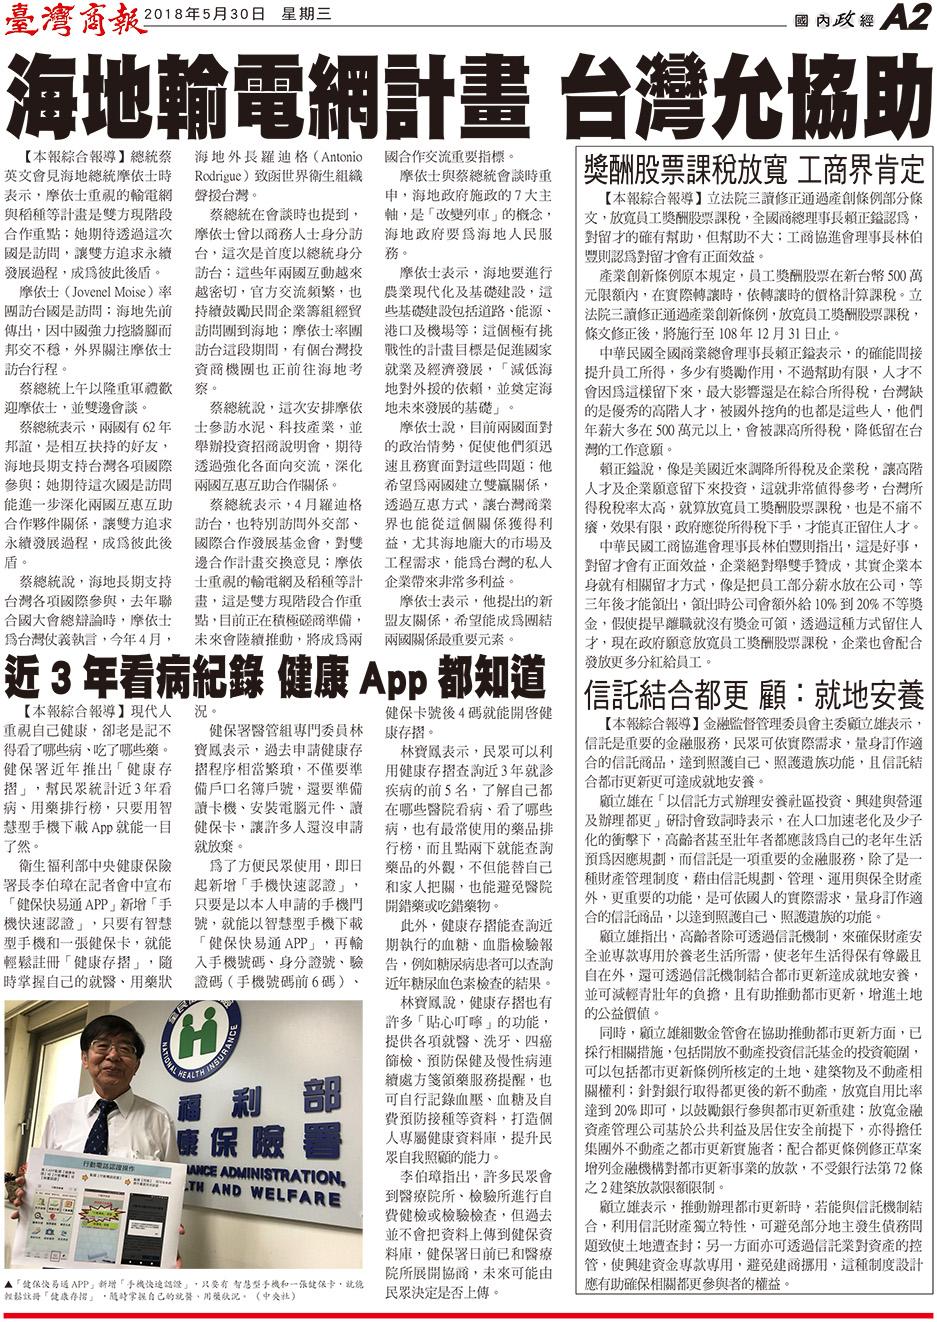 海地輸電網計畫 台灣允協助